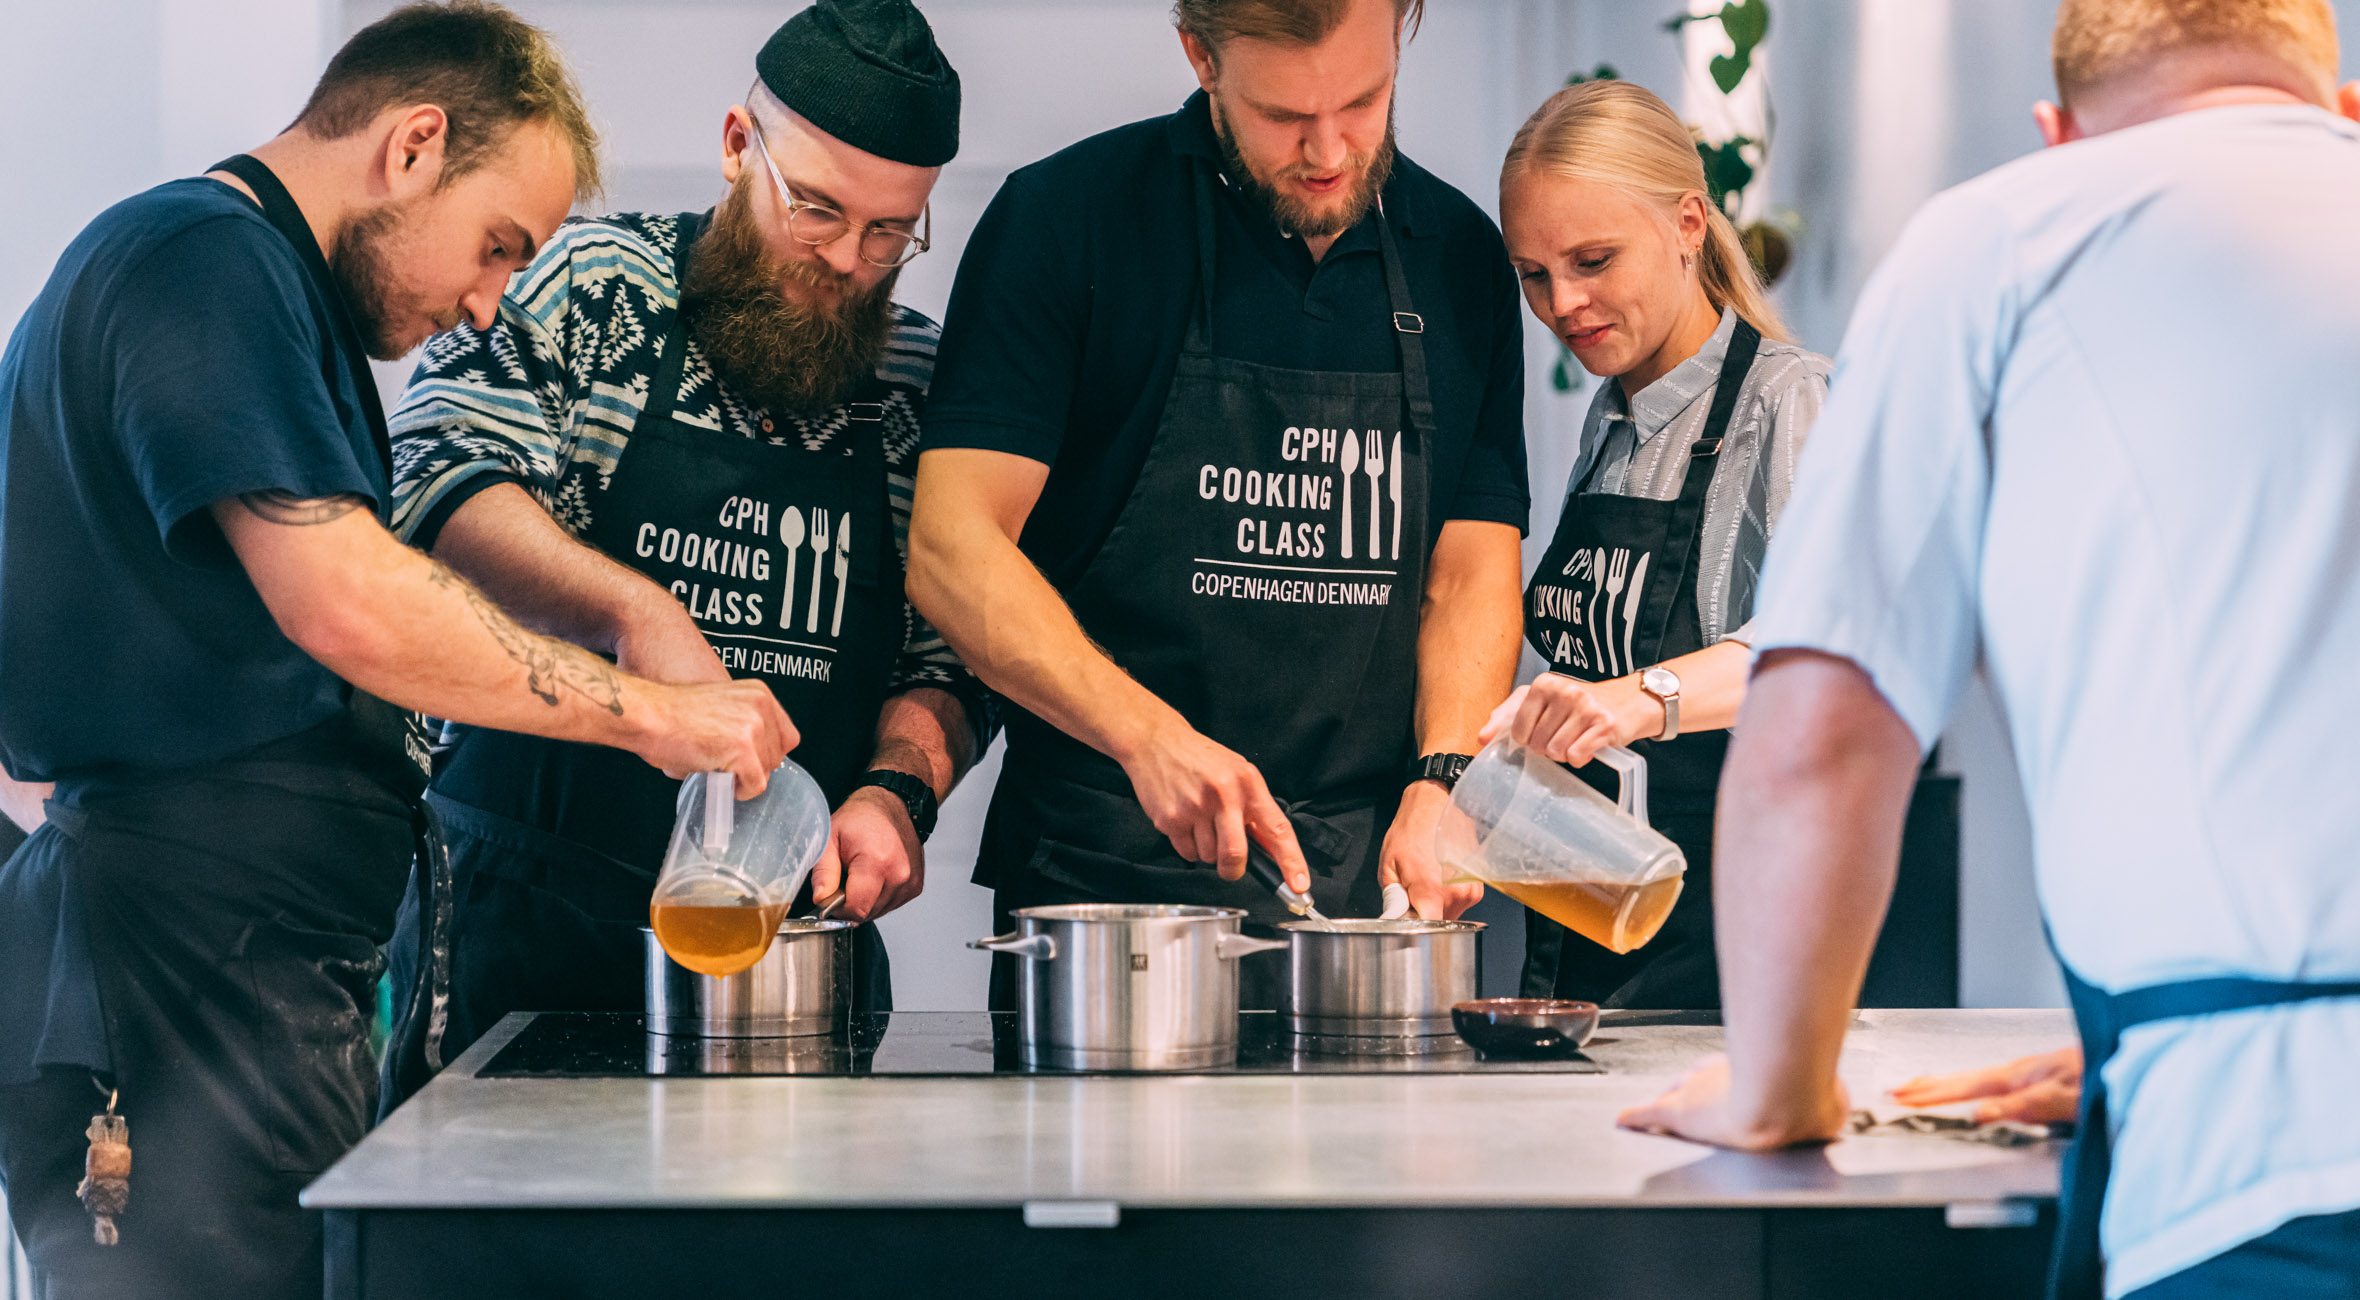 3 timers brunchkursus hos CPH Cooking Class i Indre By – Invitér venner & familie på en sjov og anderledes brunchoplevelse